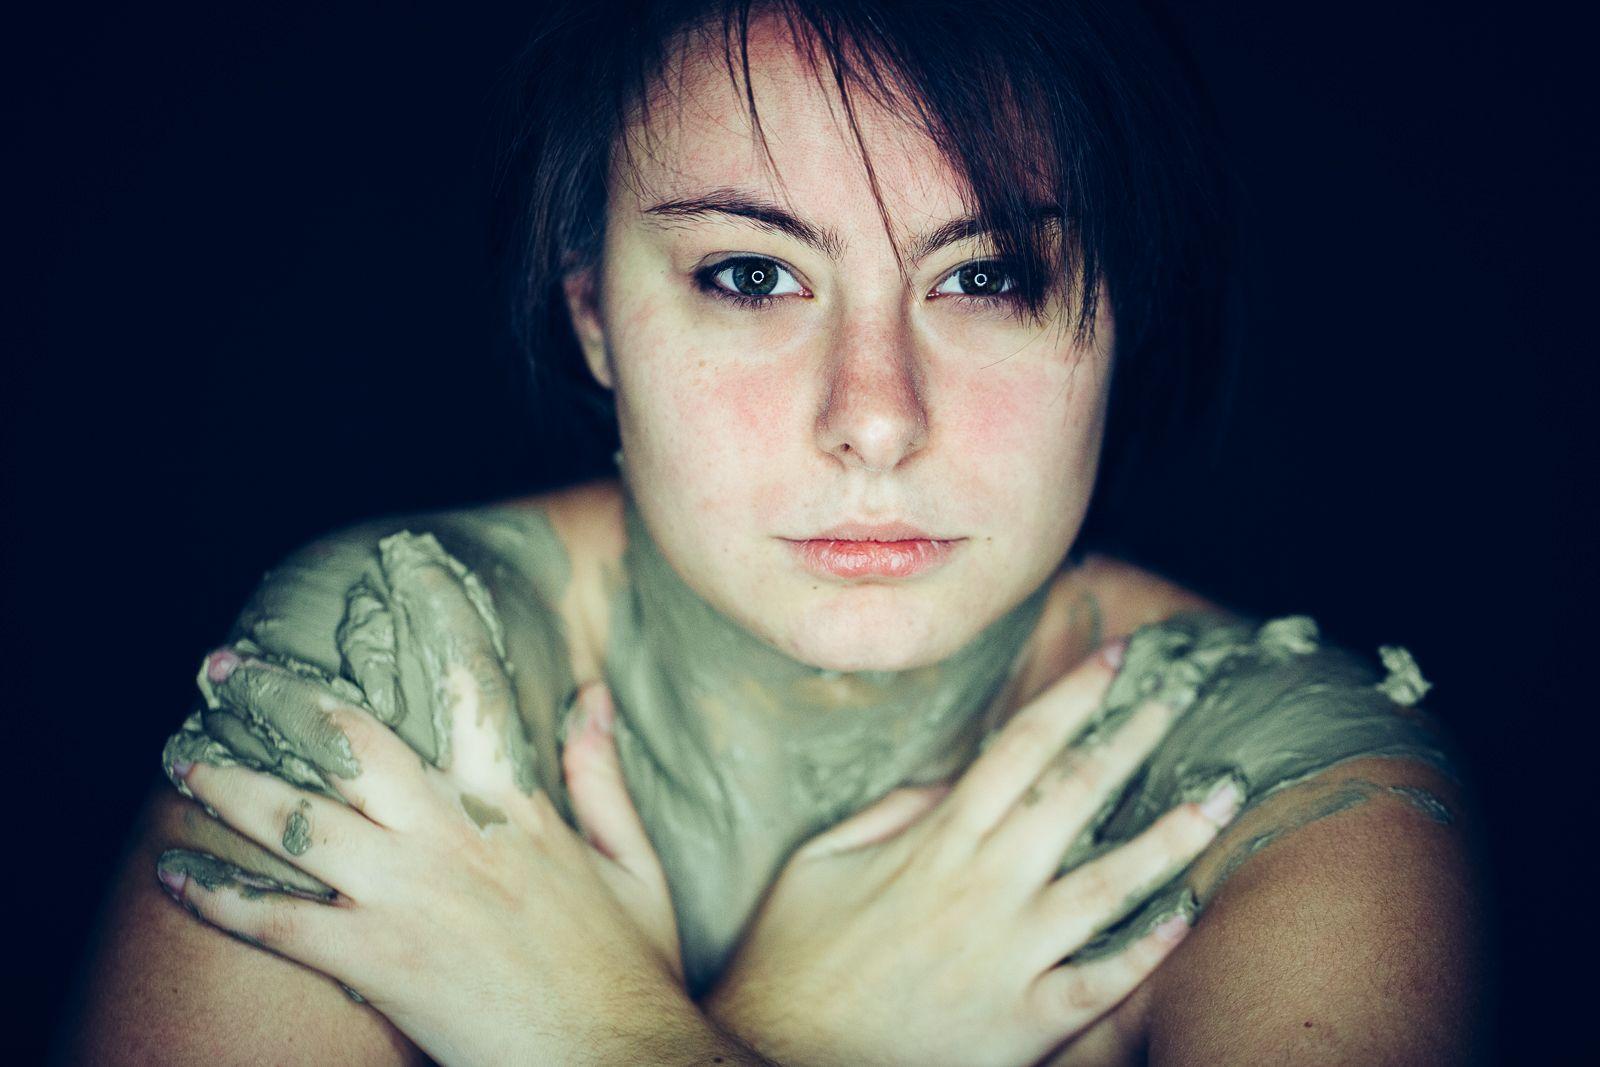 pochestorie-mad-mud-portrait-18.jpg